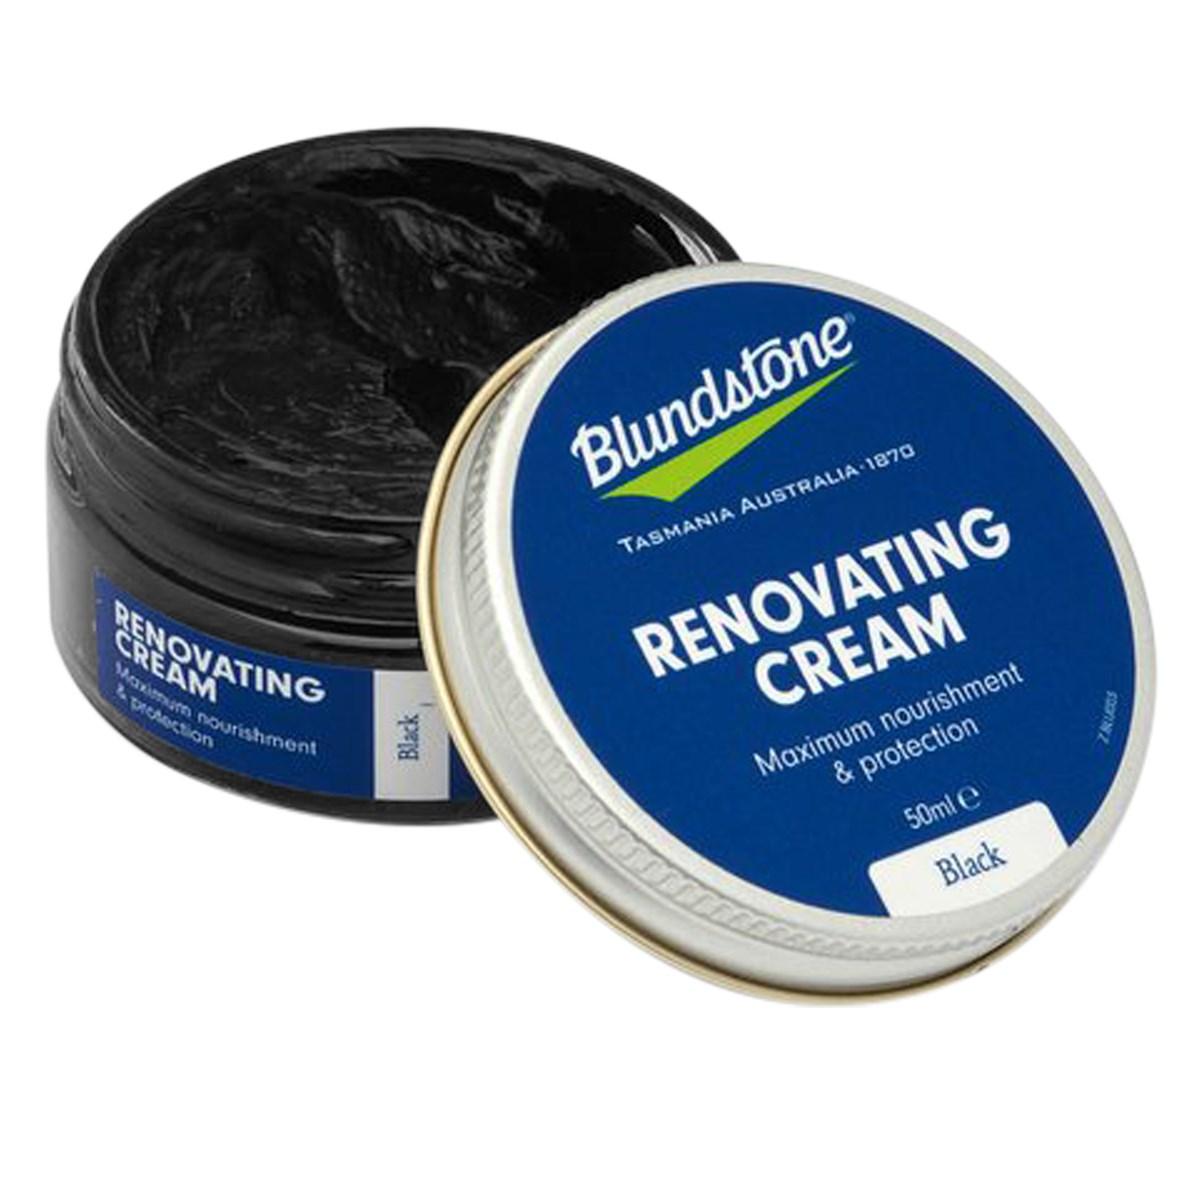 Renovating Cream in Black